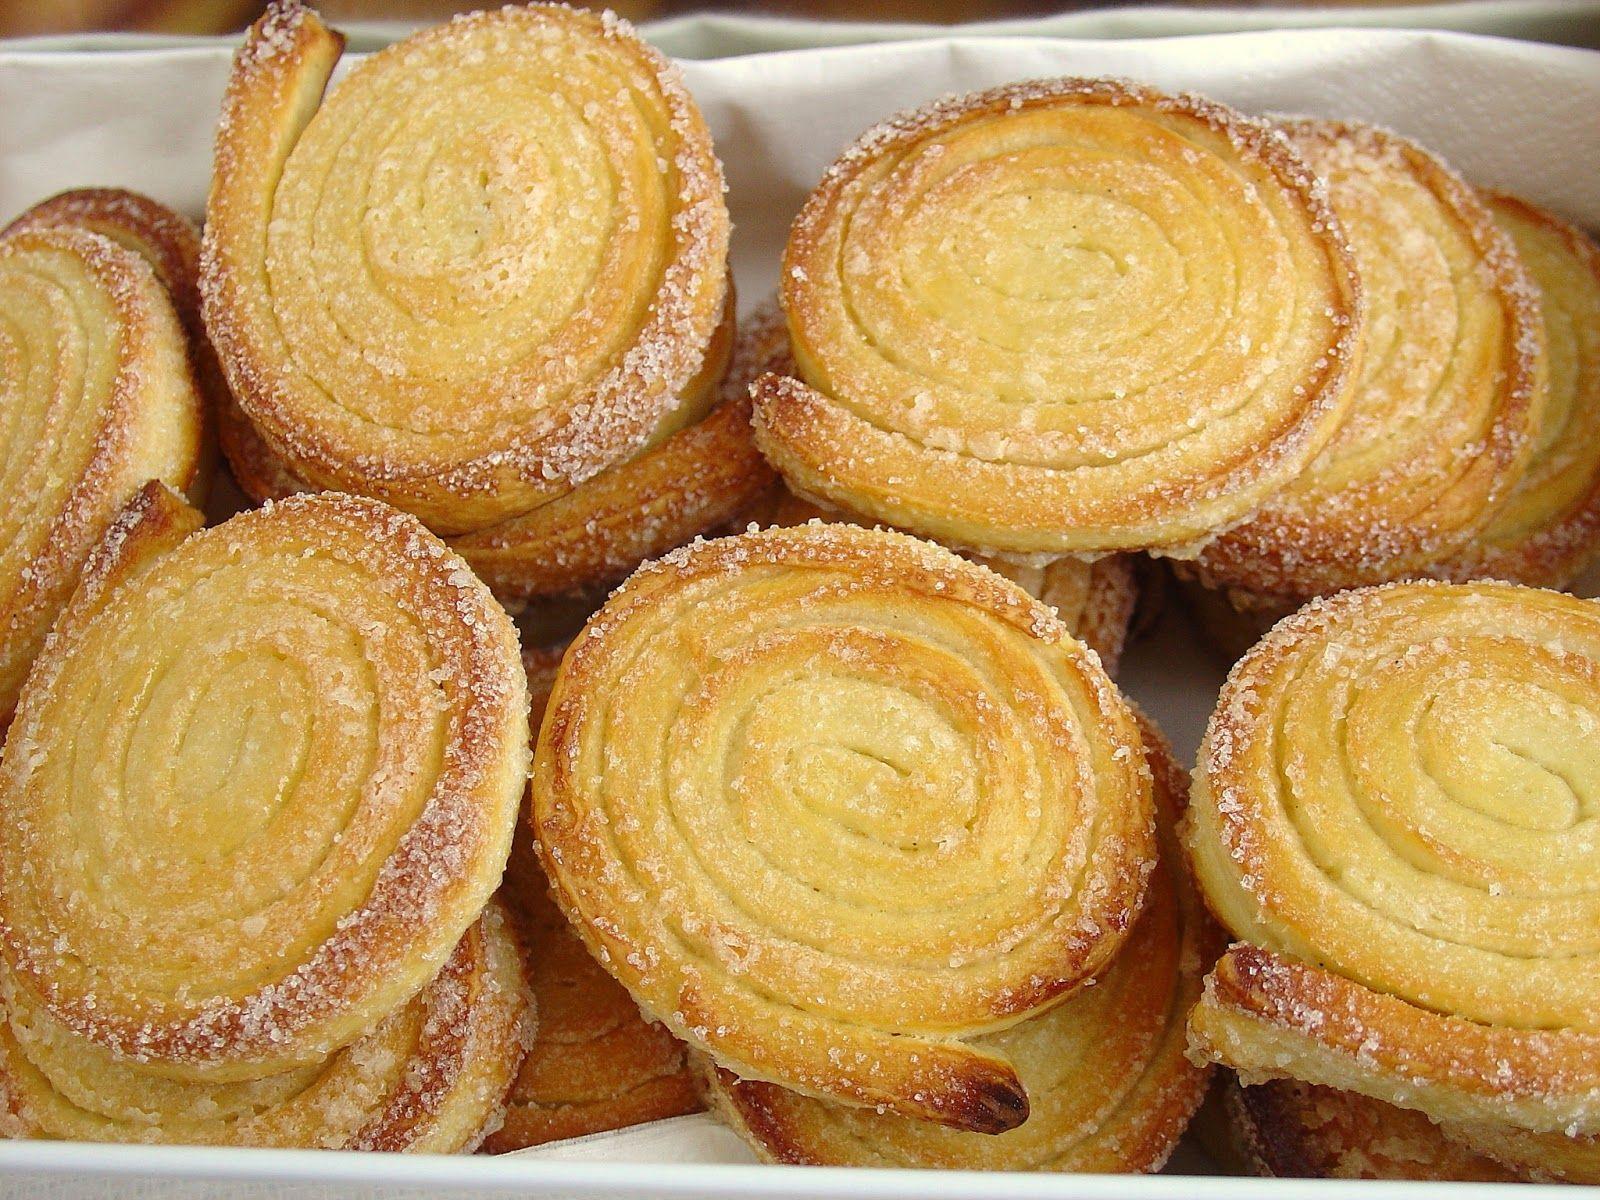 recetas de galletas caseras sencillas